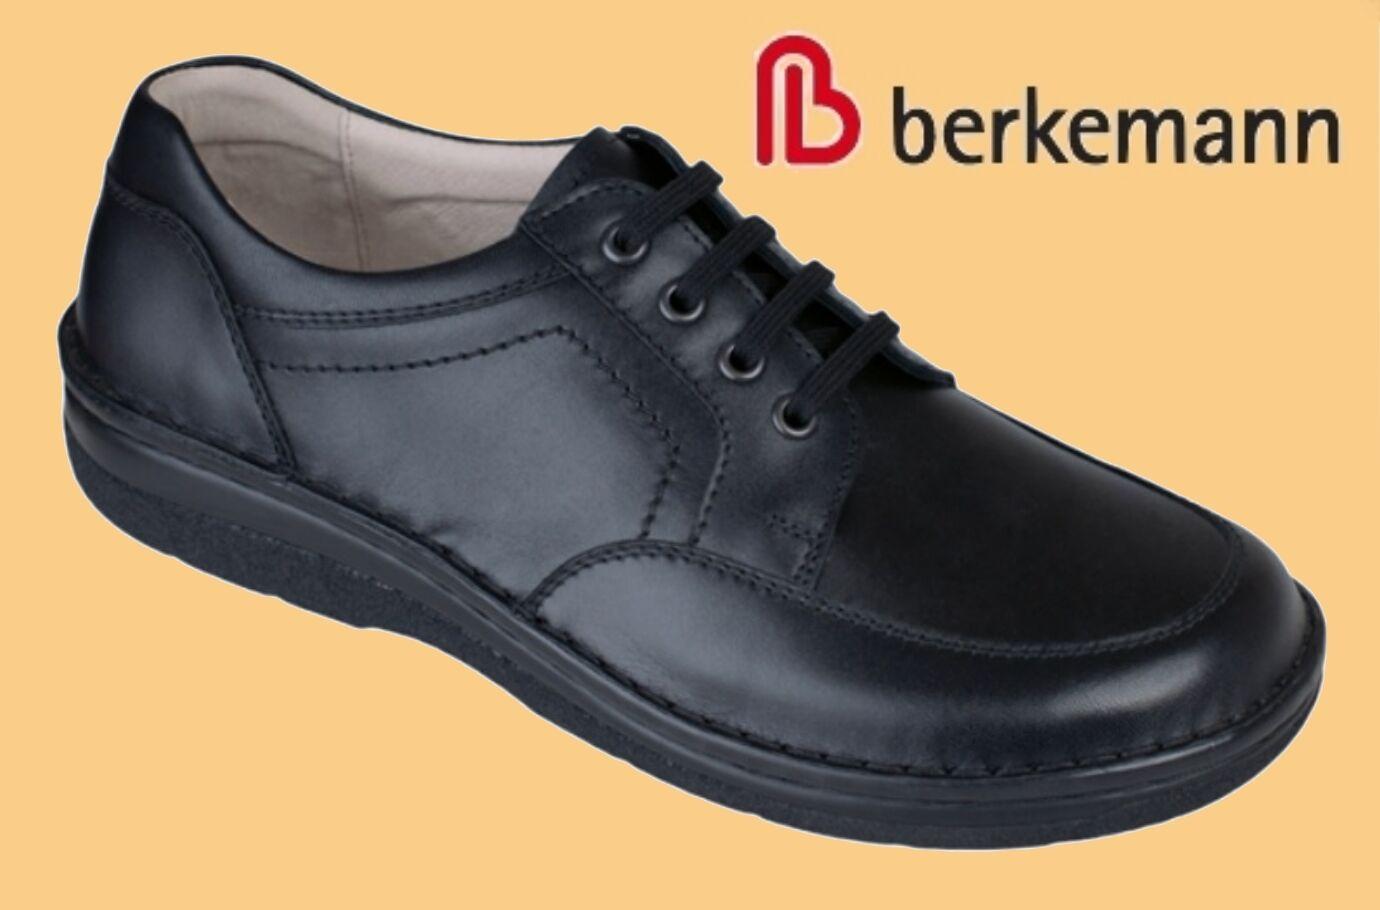 Schuhe Herren Halbschuhe Schnürschuhe Berkemann Wechselfußbett ROTUZIERT 11,5